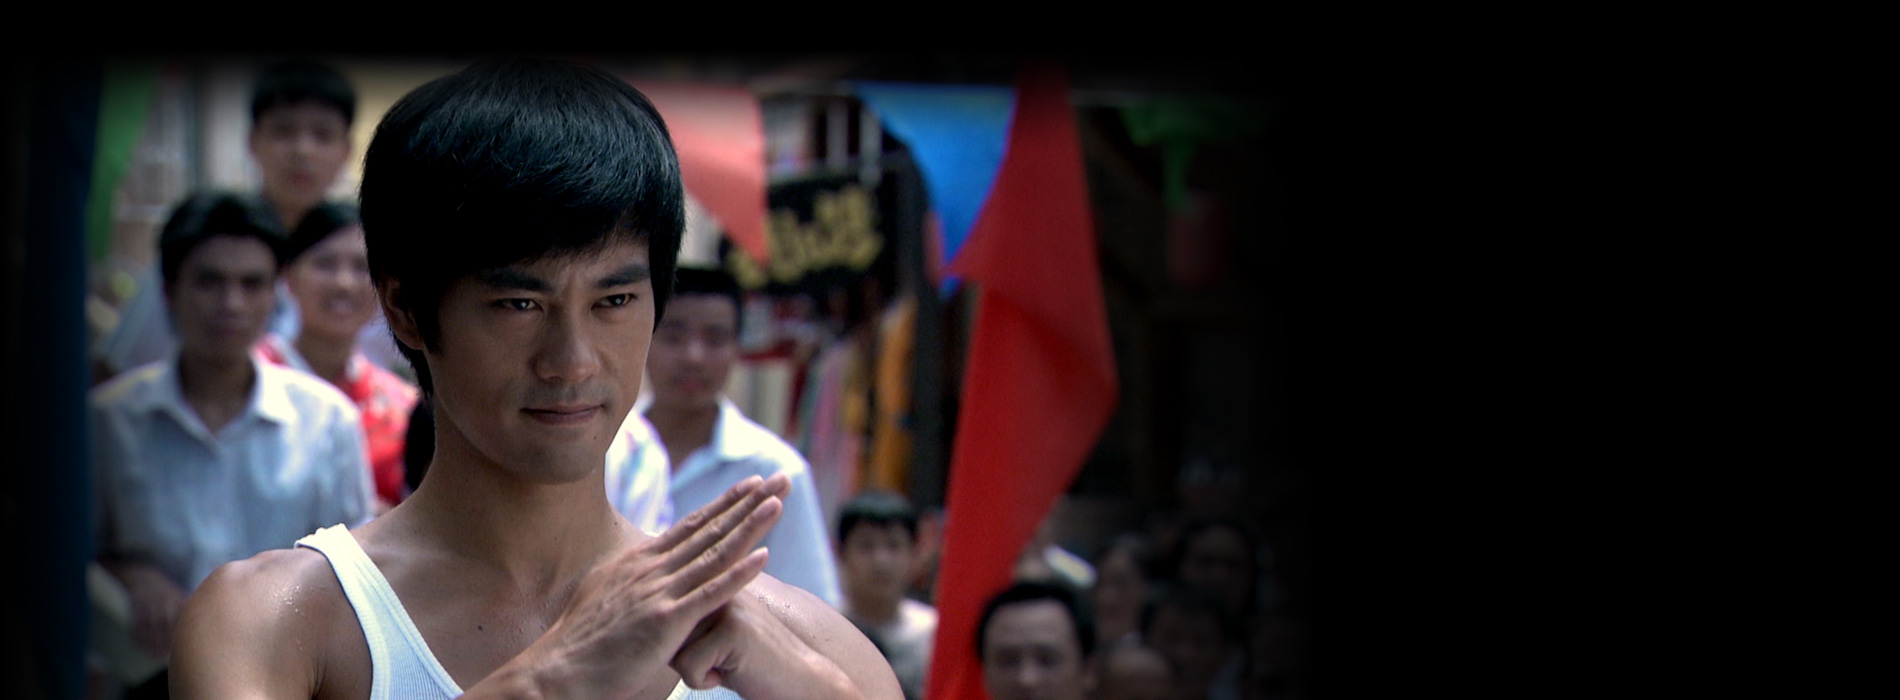 'La leyenda de Bruce Lee'